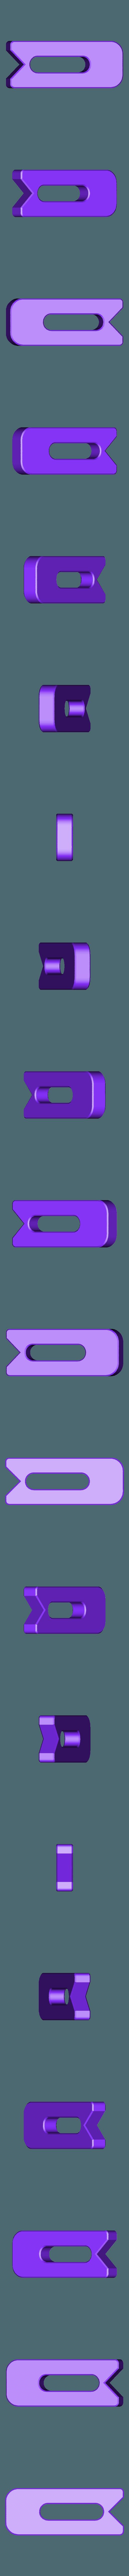 clampcorner.stl Download free STL file CNC 3018 Clamp set • 3D printing object, Sagittario